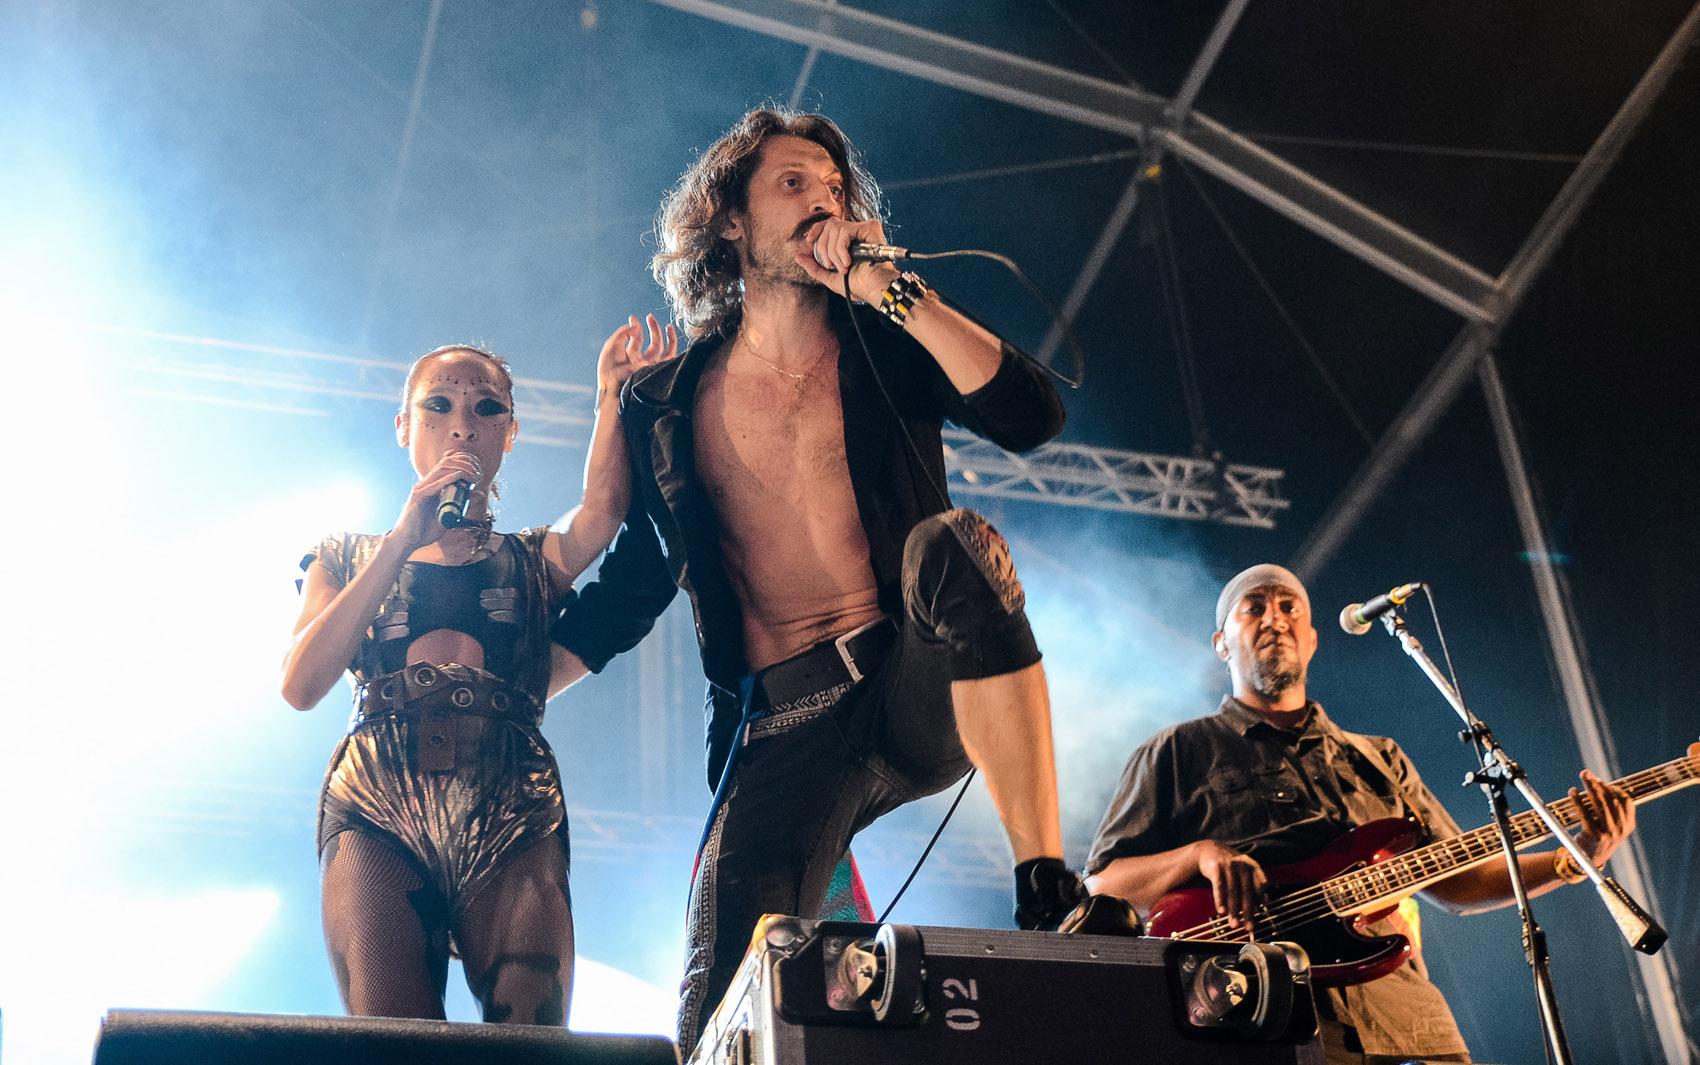 Banda Gogol Bordello, de estilo 'gypsy punk', se apresenta no Palco Sunset neste sábado (21).